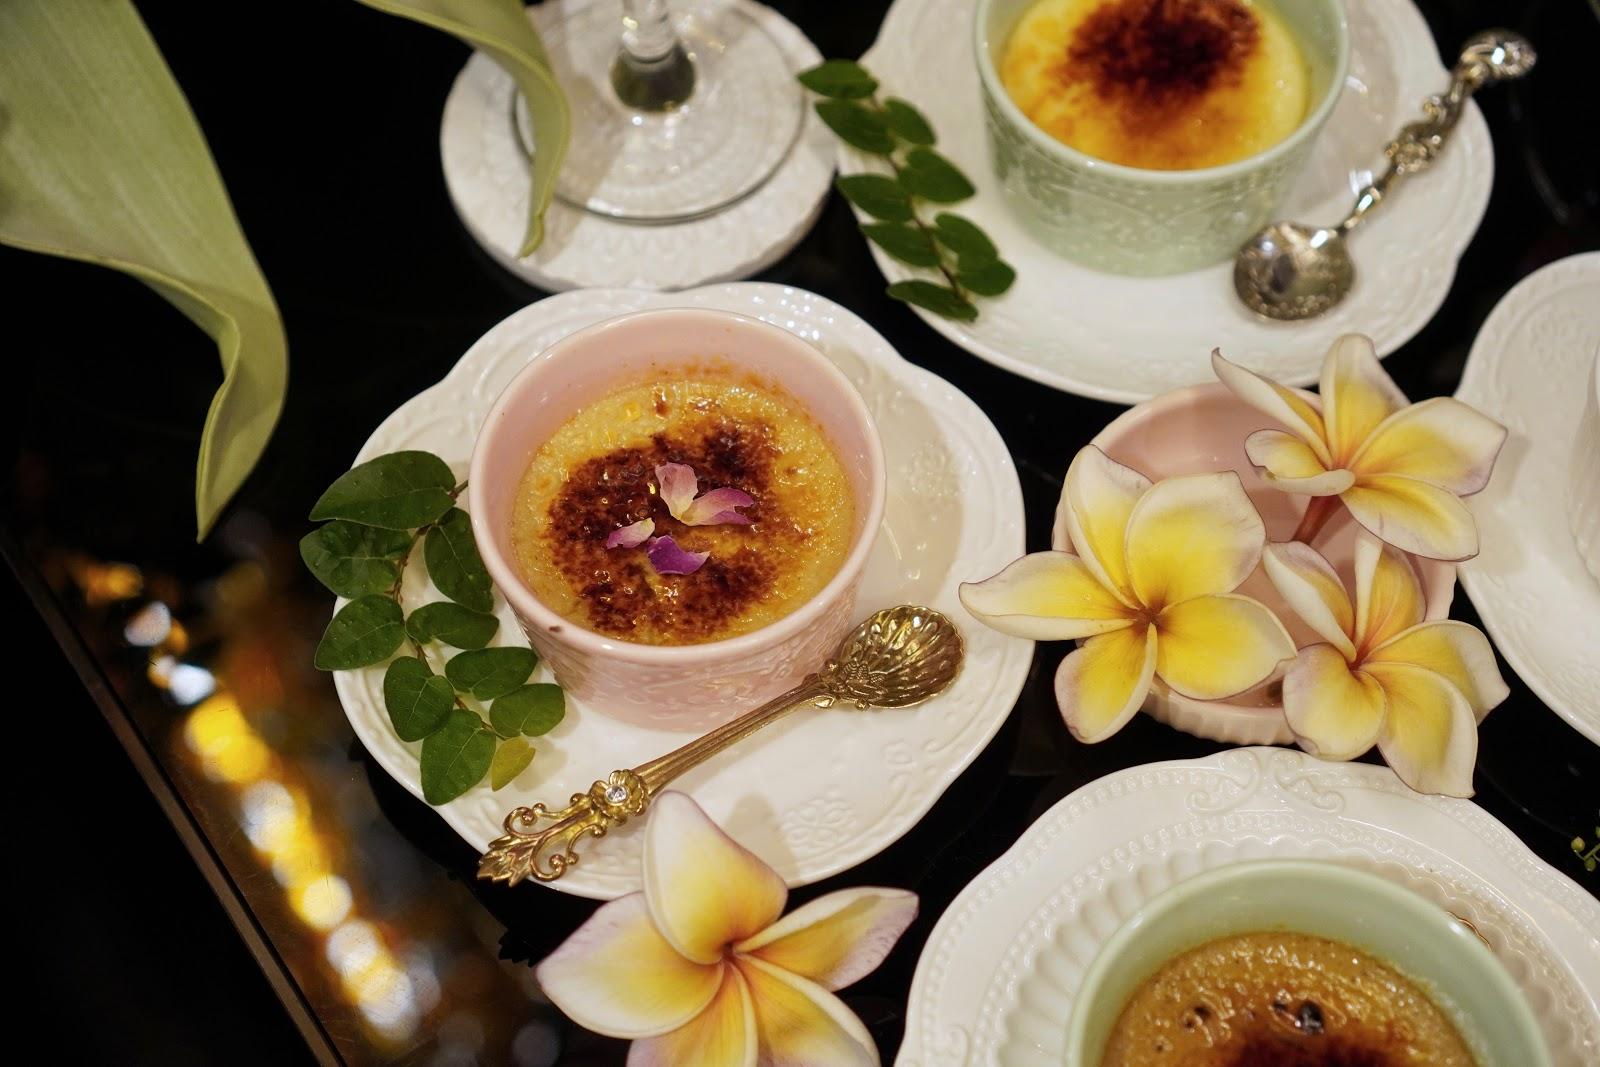 台南中西區美食【Moment烤布蕾專賣店】玫瑰烤布蕾